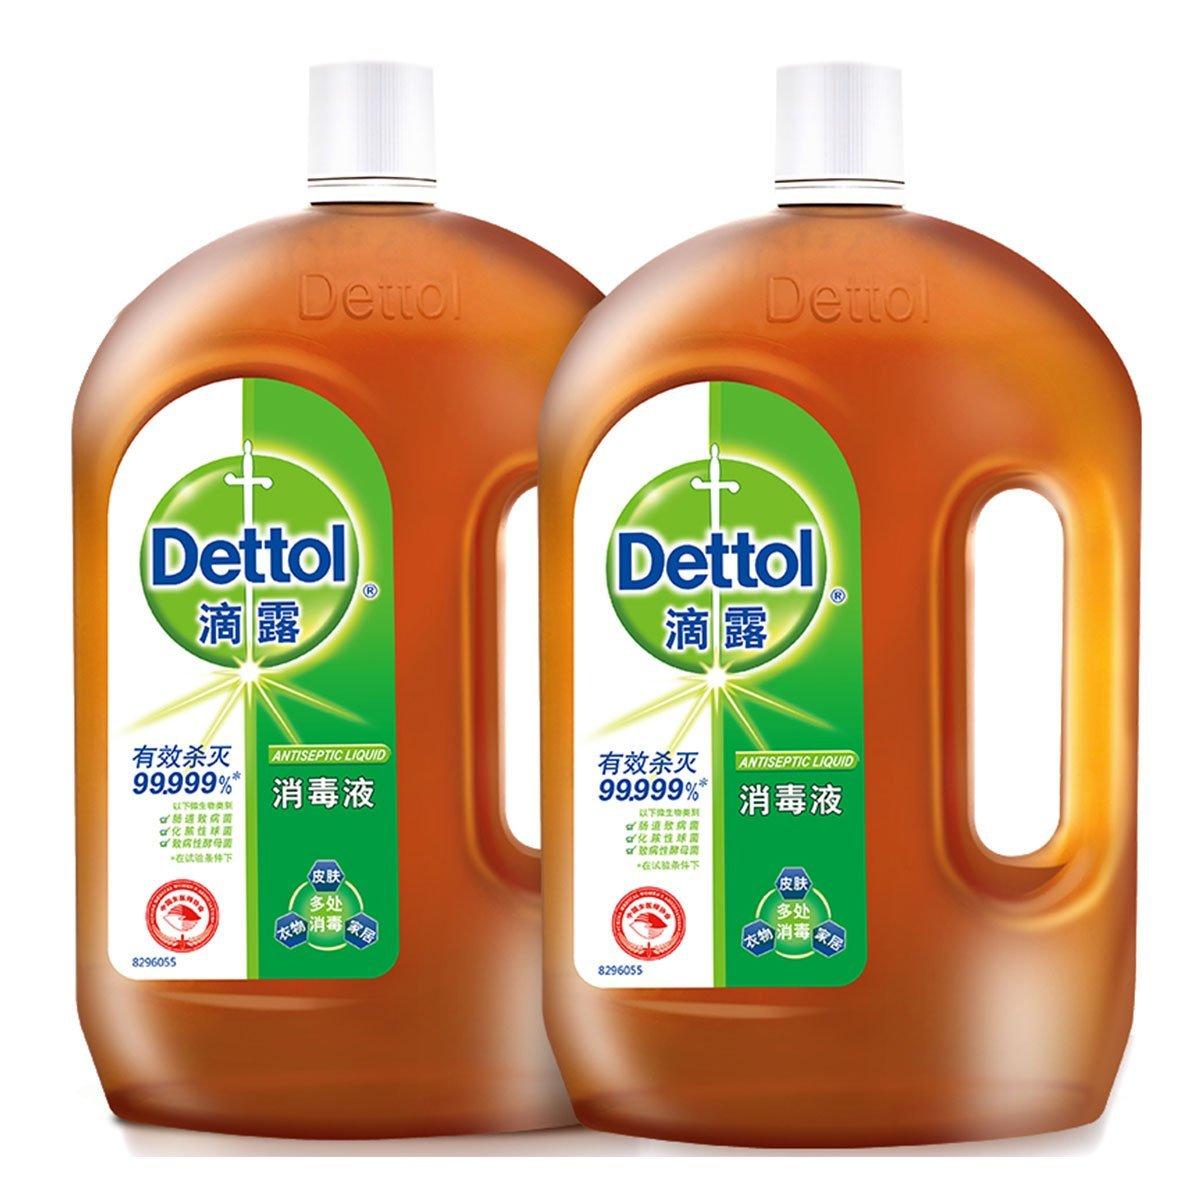 超值特惠!Dettol滴露消毒液1.8L+1.8L两瓶装 87元